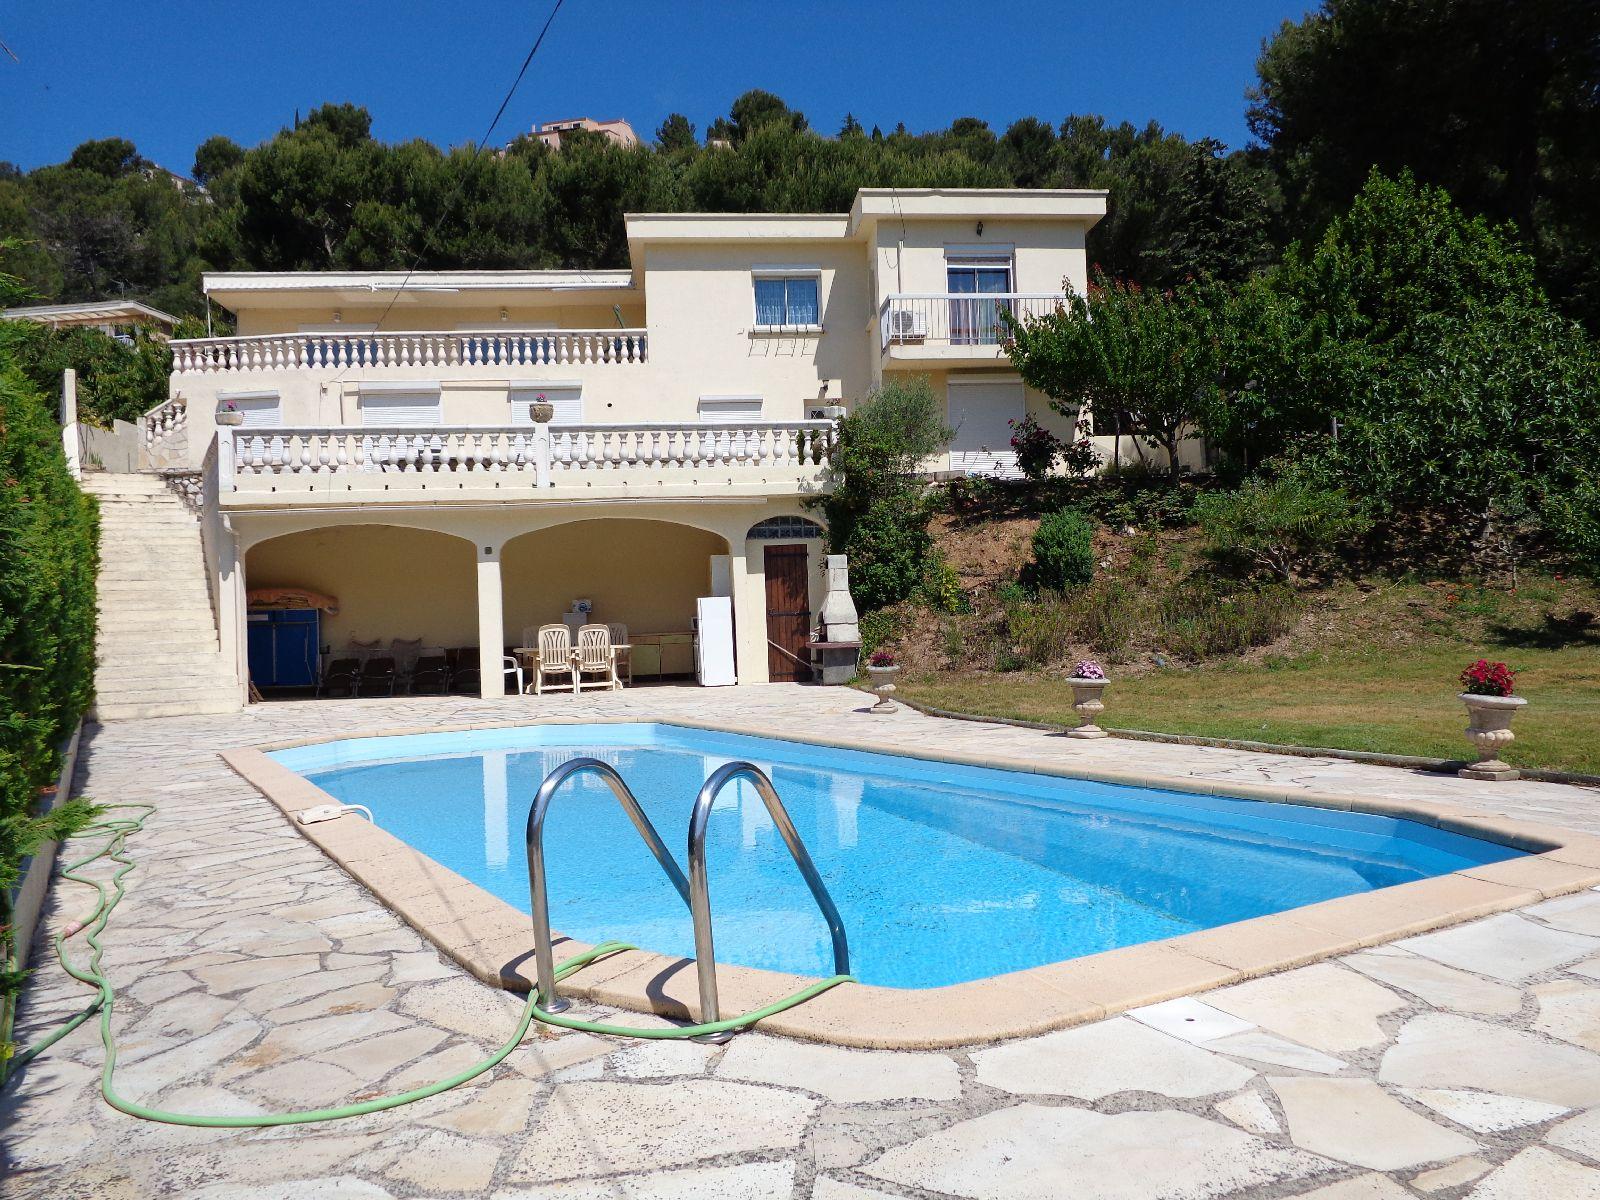 Maisons Villas A Vendre Maison Sur Deux Niveaux T6/7 F6/7 ... dedans Maison A Vendre Avec Piscine